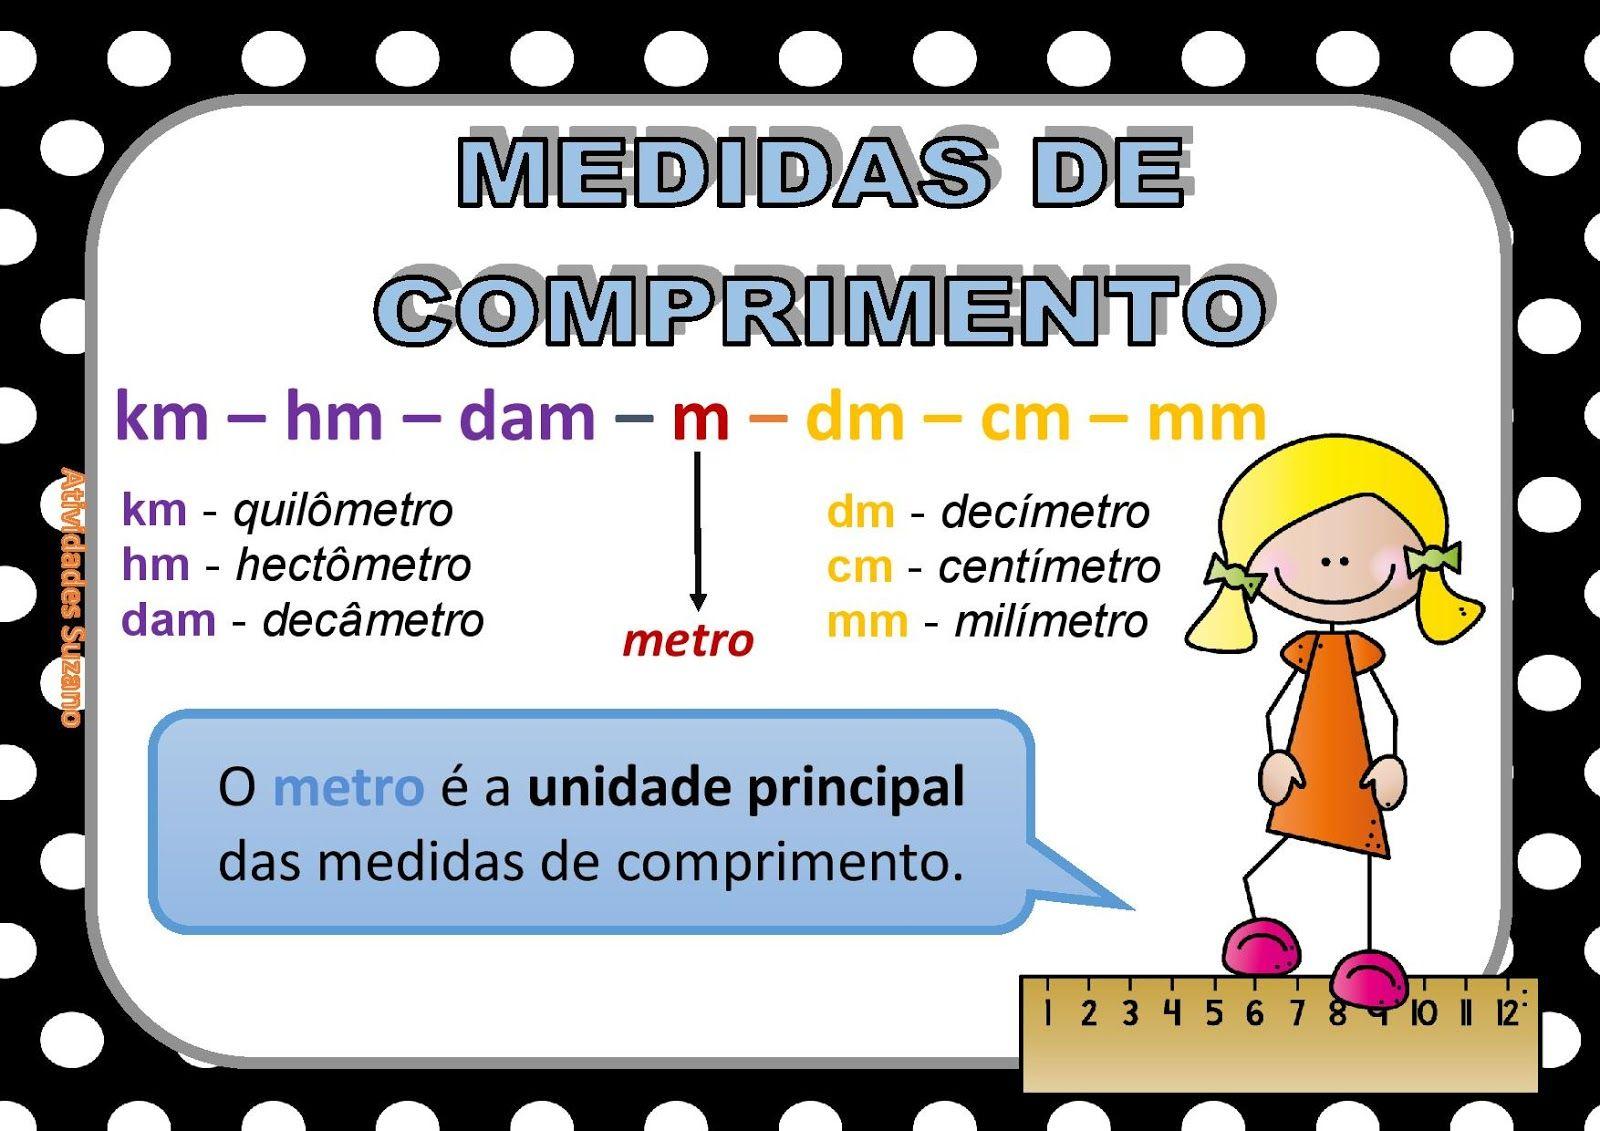 Cartaz Medidas De Comprimento Atividades Atividades De Ensino